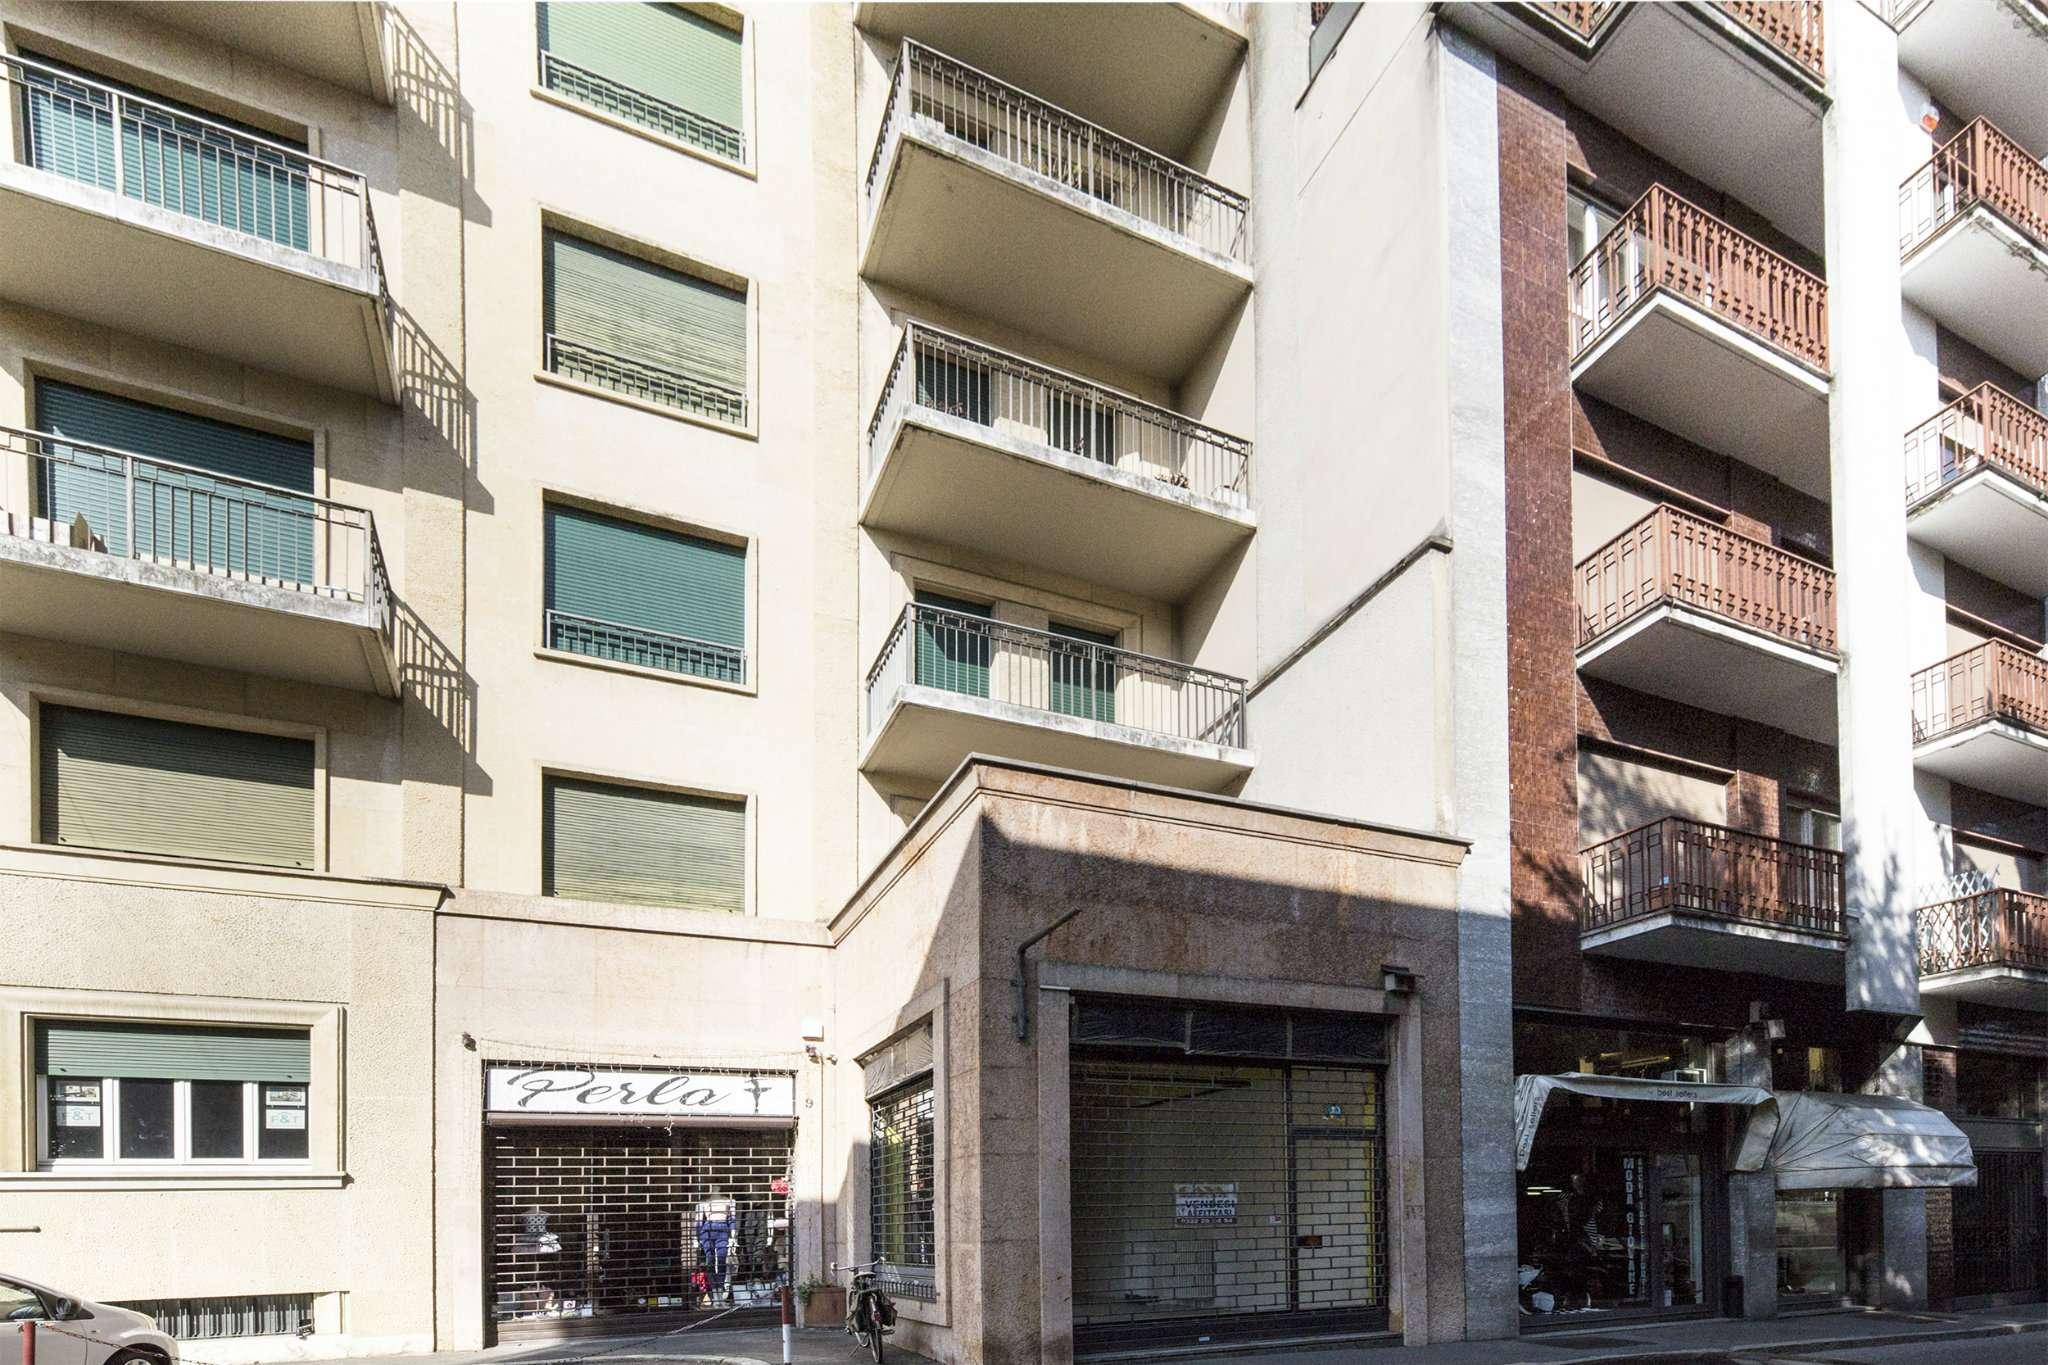 Negozio / Locale in affitto a Varese, 2 locali, prezzo € 1.100 | PortaleAgenzieImmobiliari.it